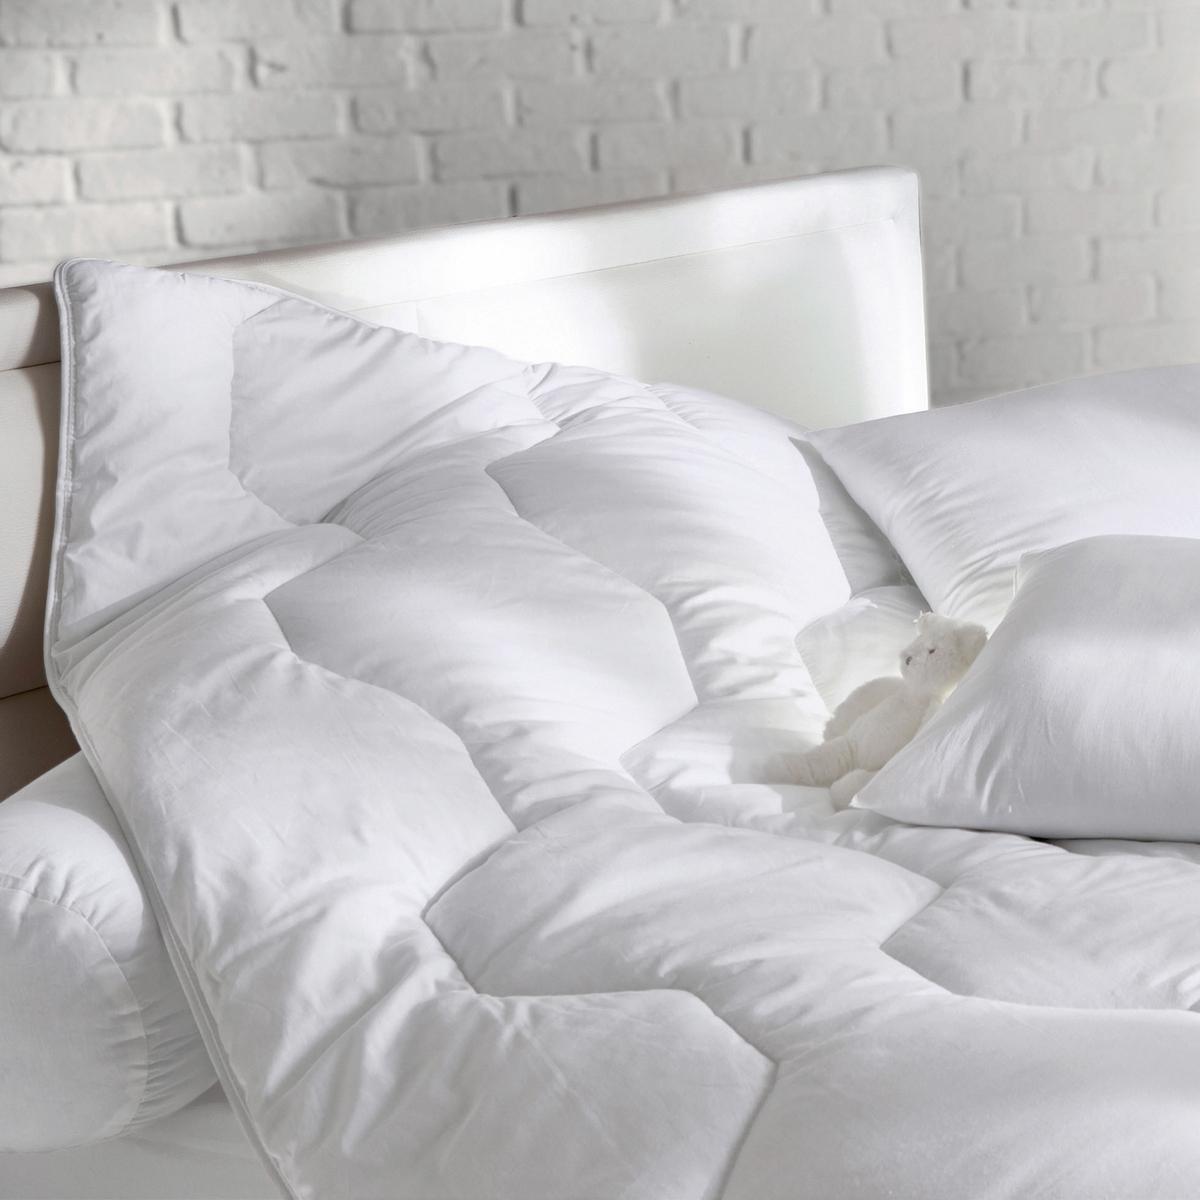 Одеяло из синтетики качество супериор с обработкой против клещей 500г/м2